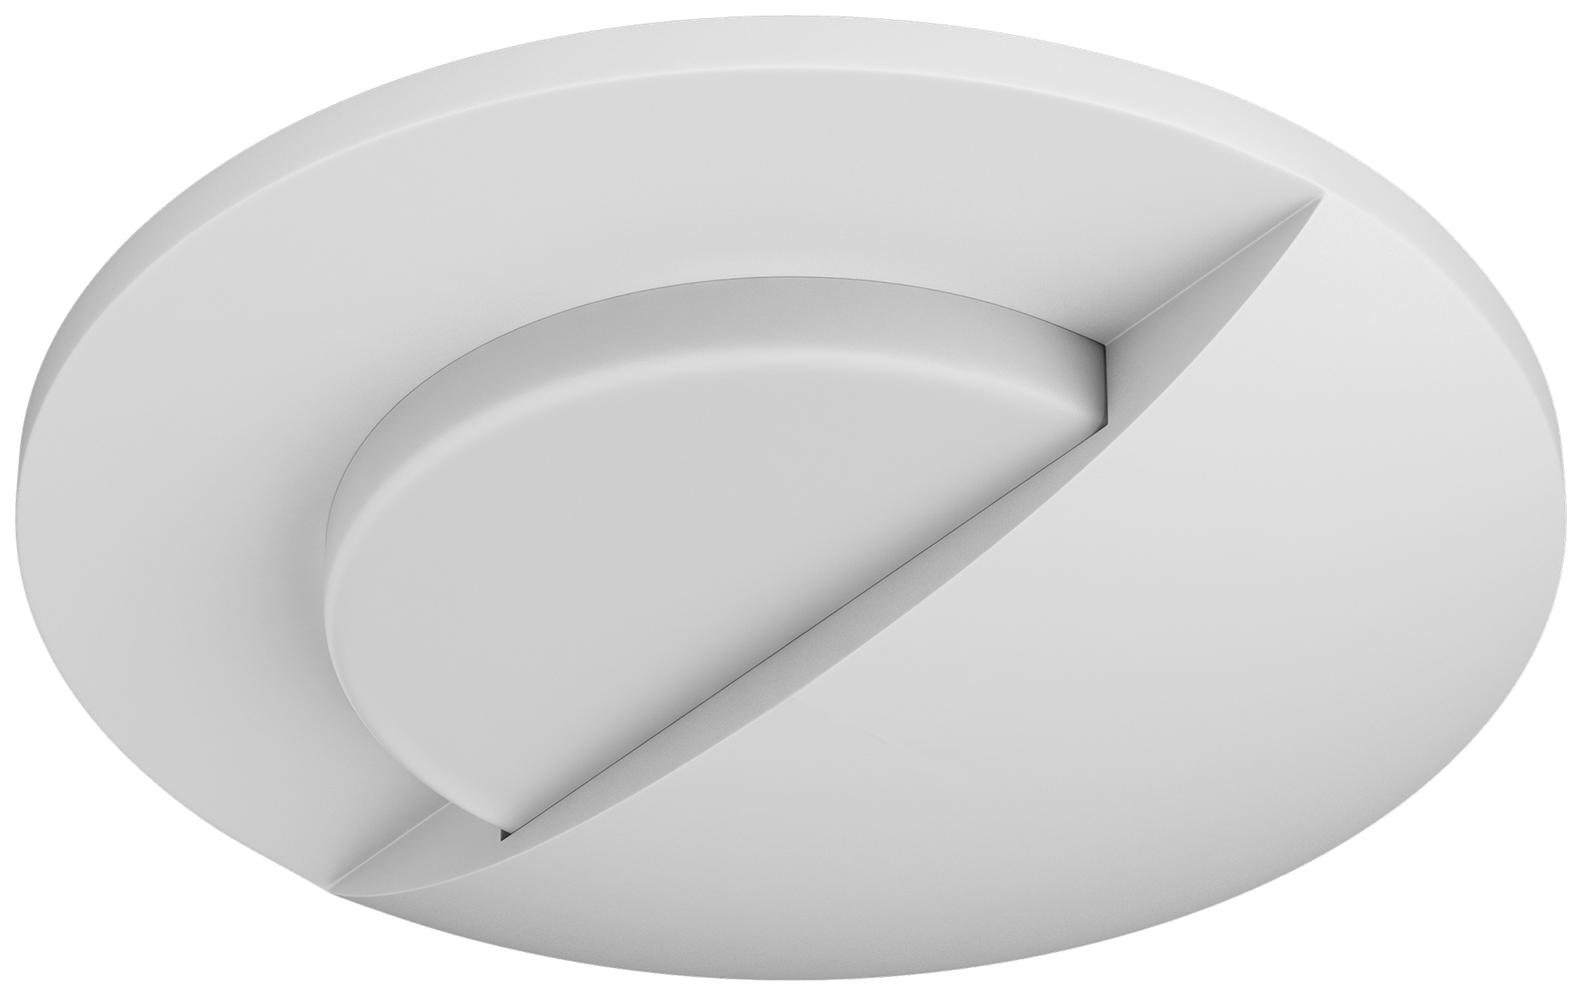 Встраиваемый точечный светодиодный светильник Lightstar Lumina Cyl 212156 Белый по цене 1 452